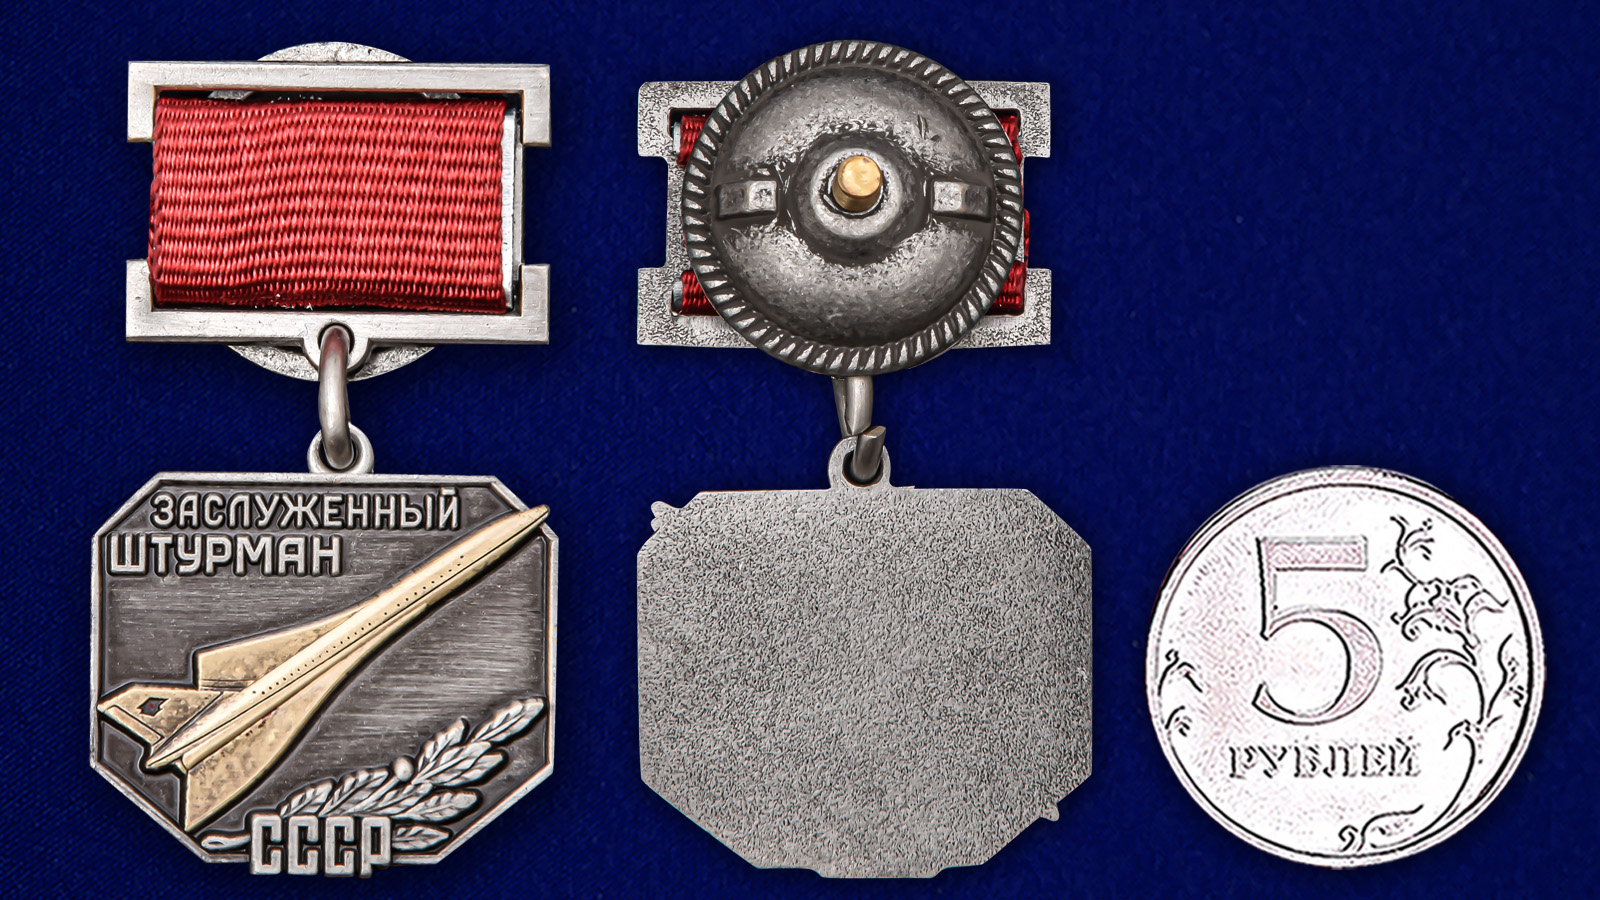 Нагрудный знак Заслуженный штурман СССР - сравнительный вид